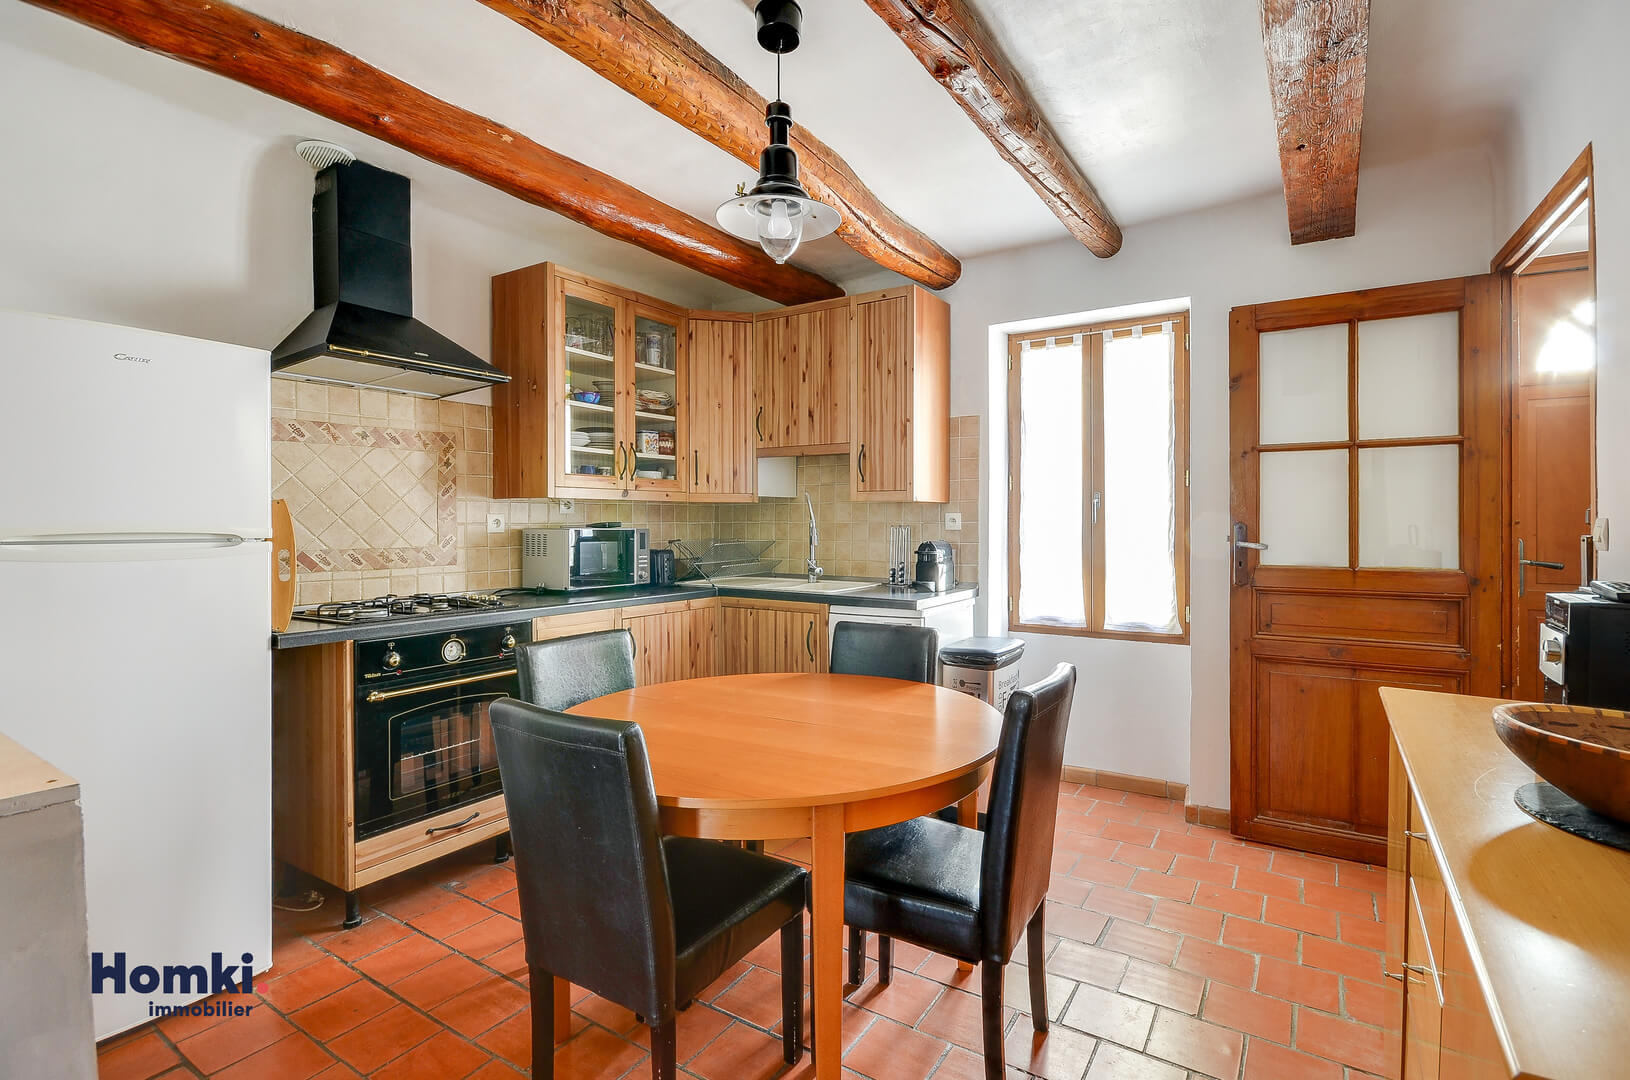 Vente Maison 70 m² T3 13290 Aix en Provence_3